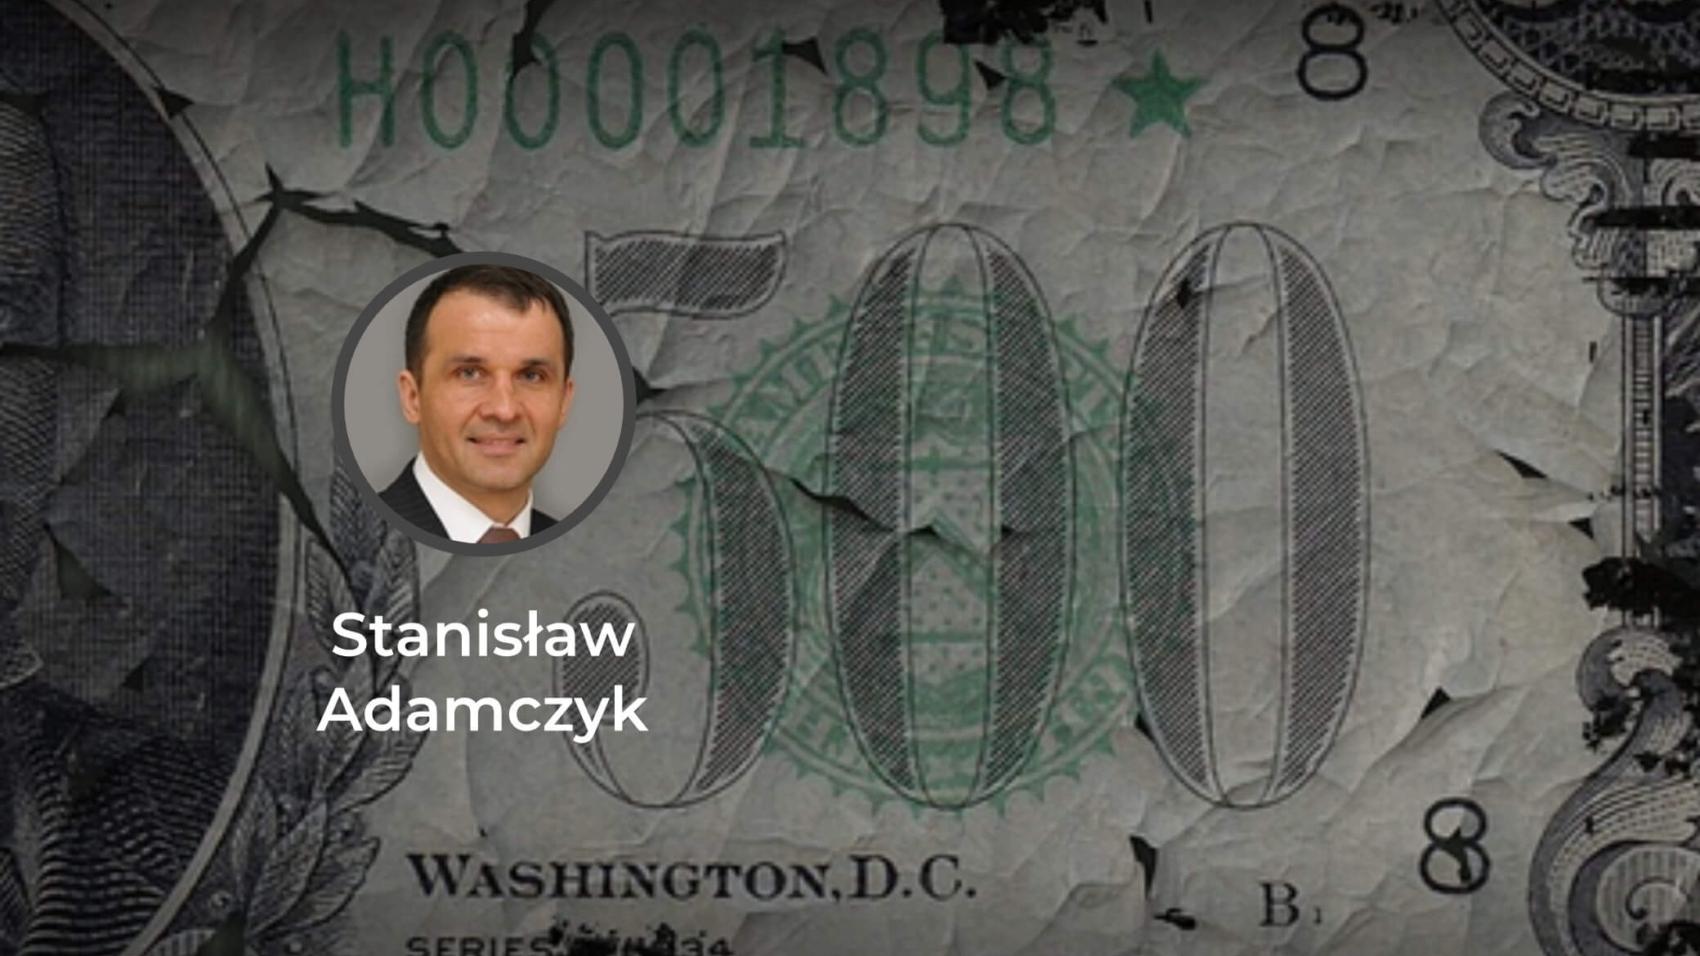 Stanislaw_Adamczyk_NMN_8-9